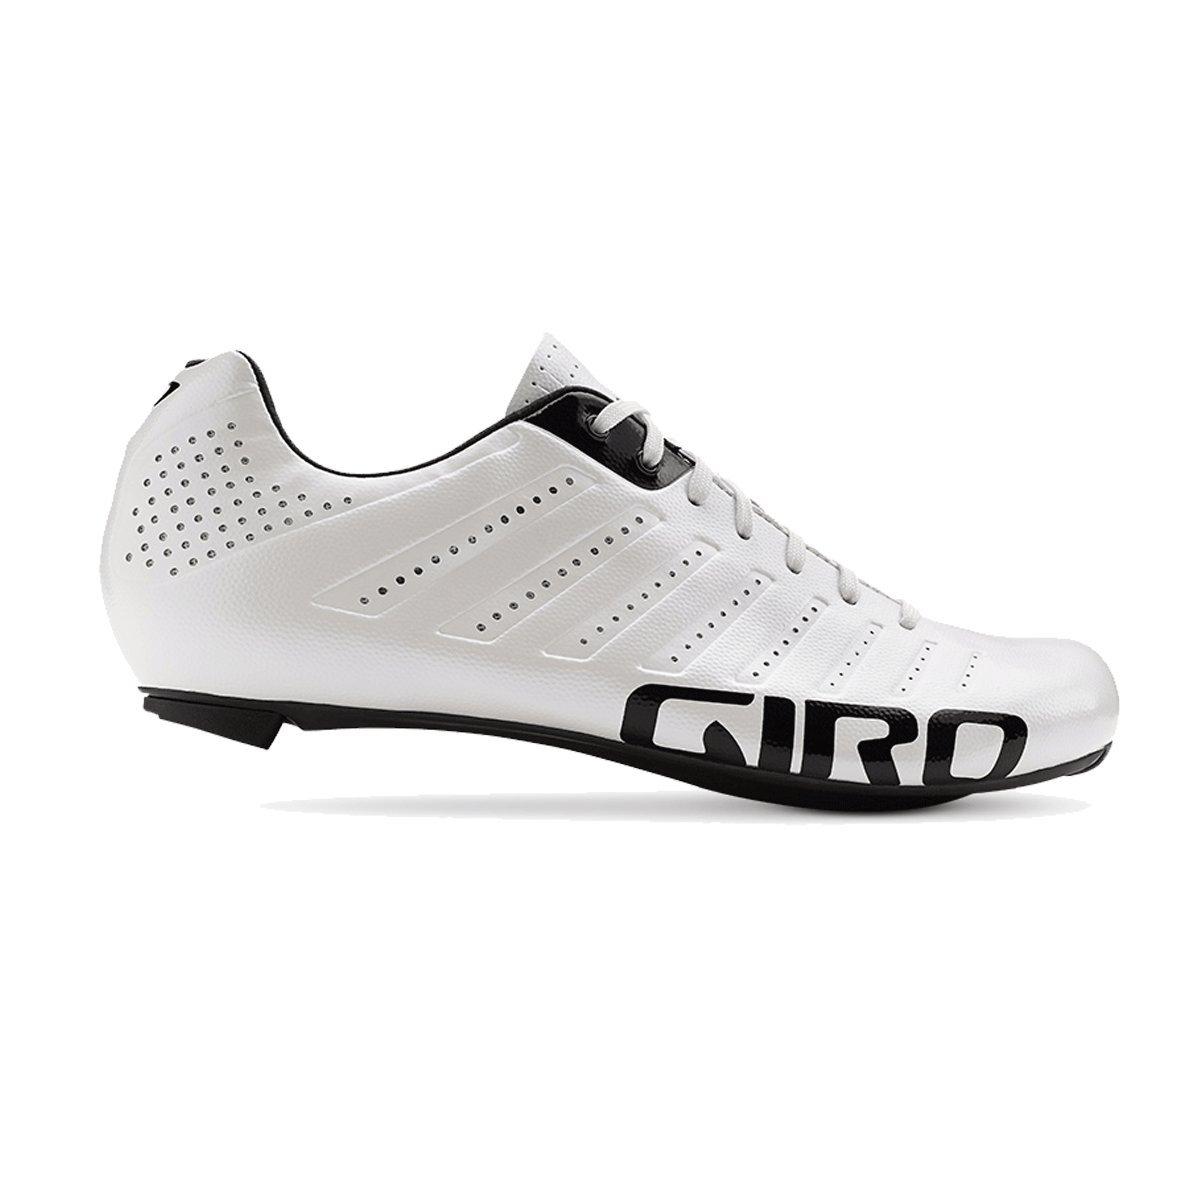 Giro Empire SLX Road Cycling Shoes B00NDIGKFK 44.5|White/Black